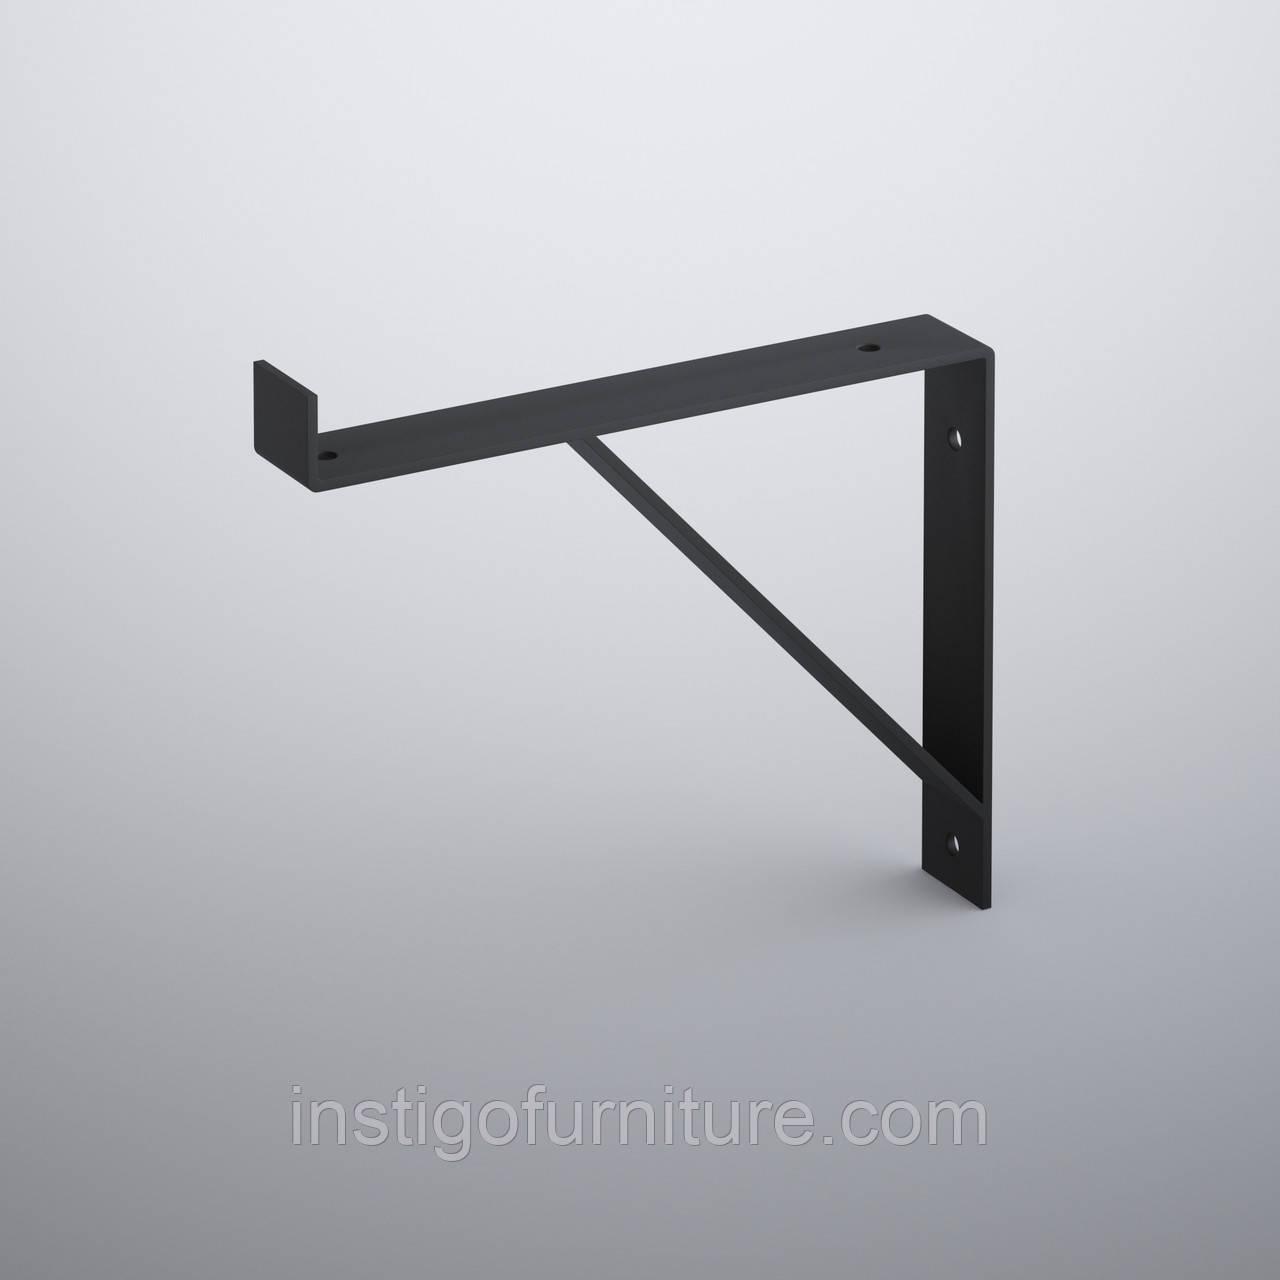 Кронштейн для полки из металла 203×30mm, H=177mm